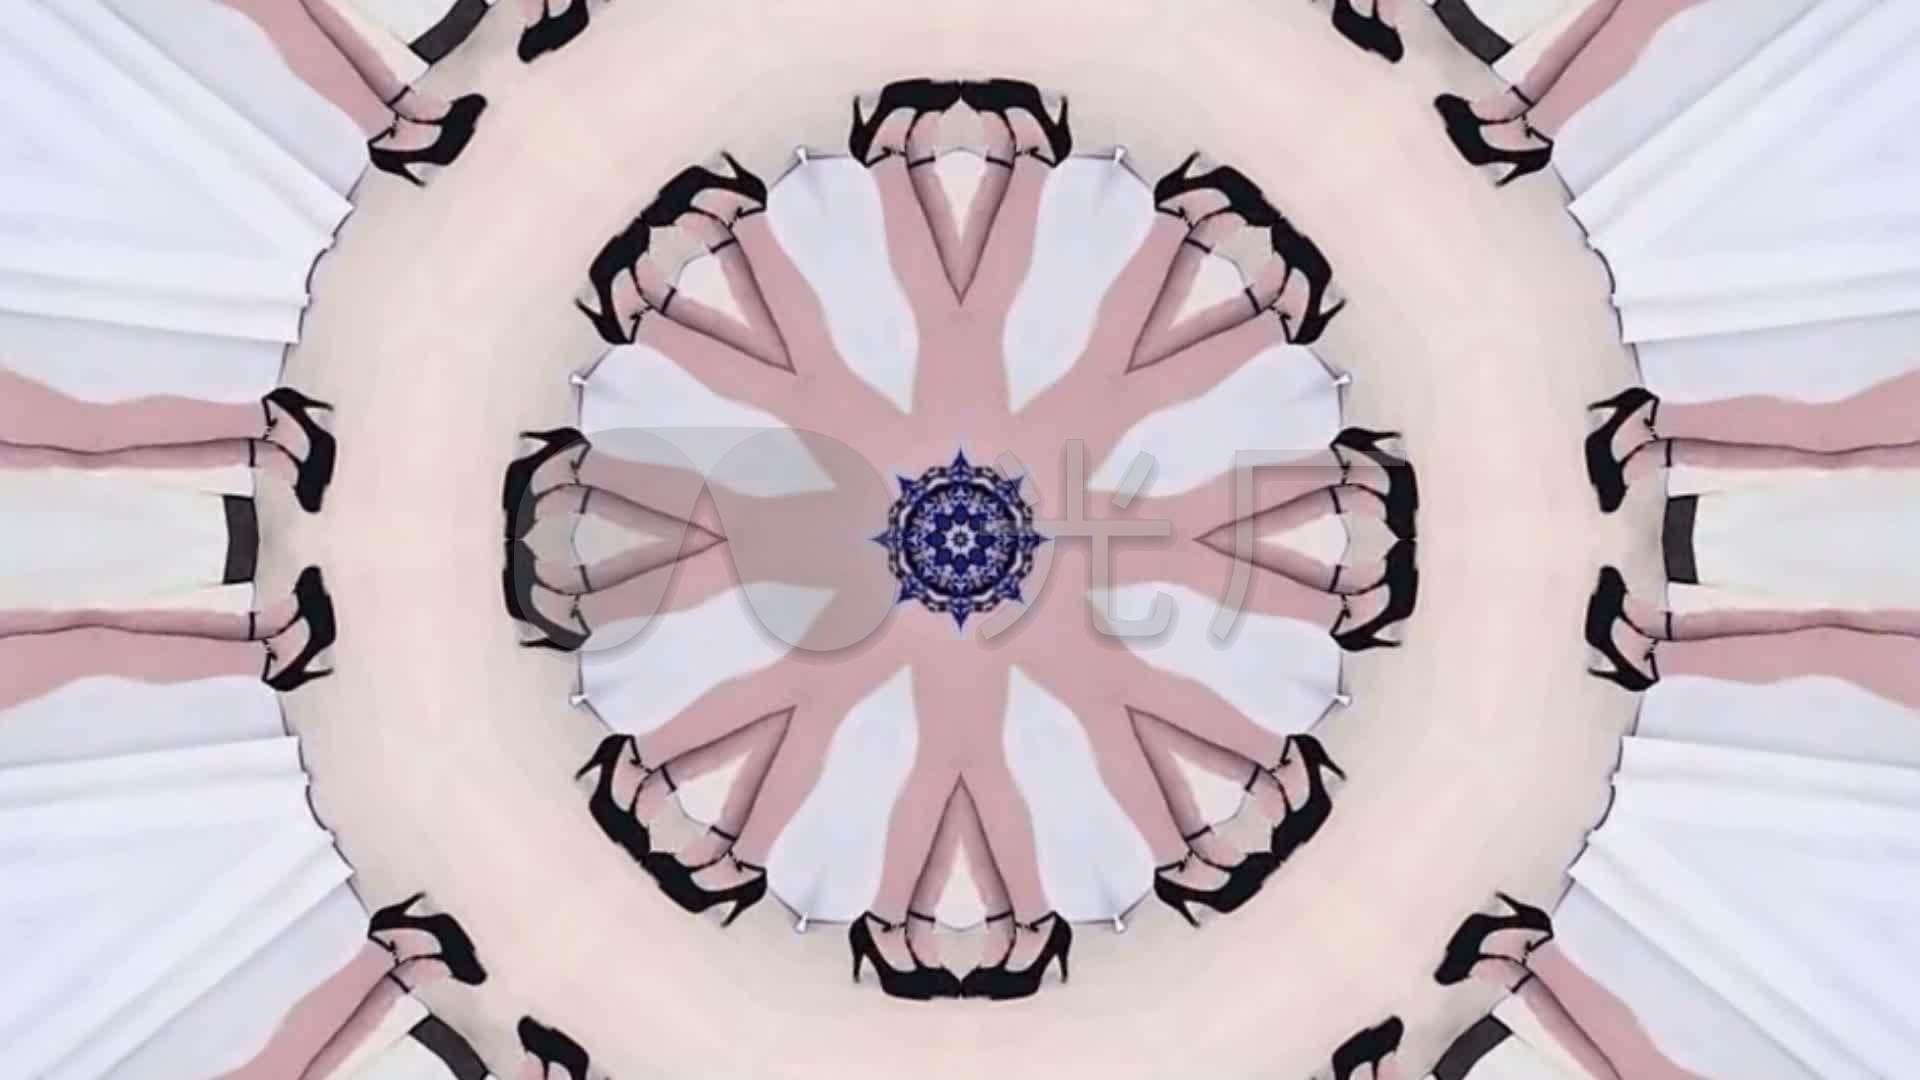 DJ视频高清街舞舞_1920X1080_嘻哈步骤素材肉苁蓉泡酒具体脚步图片